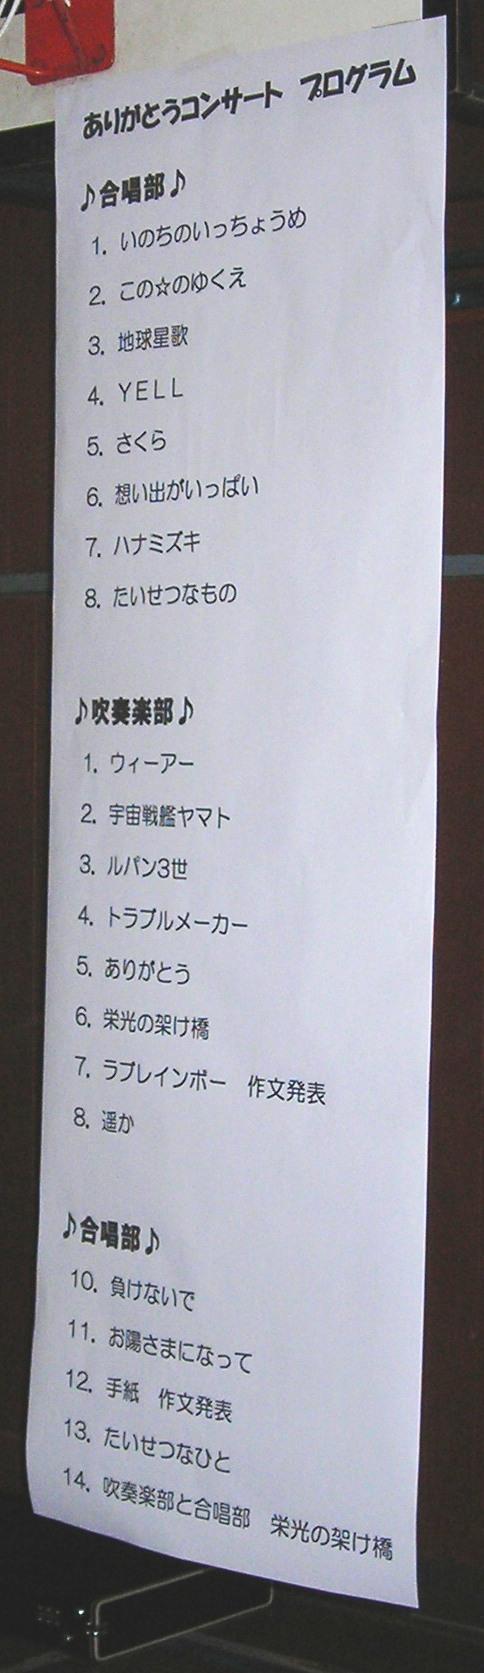 2010. 12.18. arigatou 3.JPG